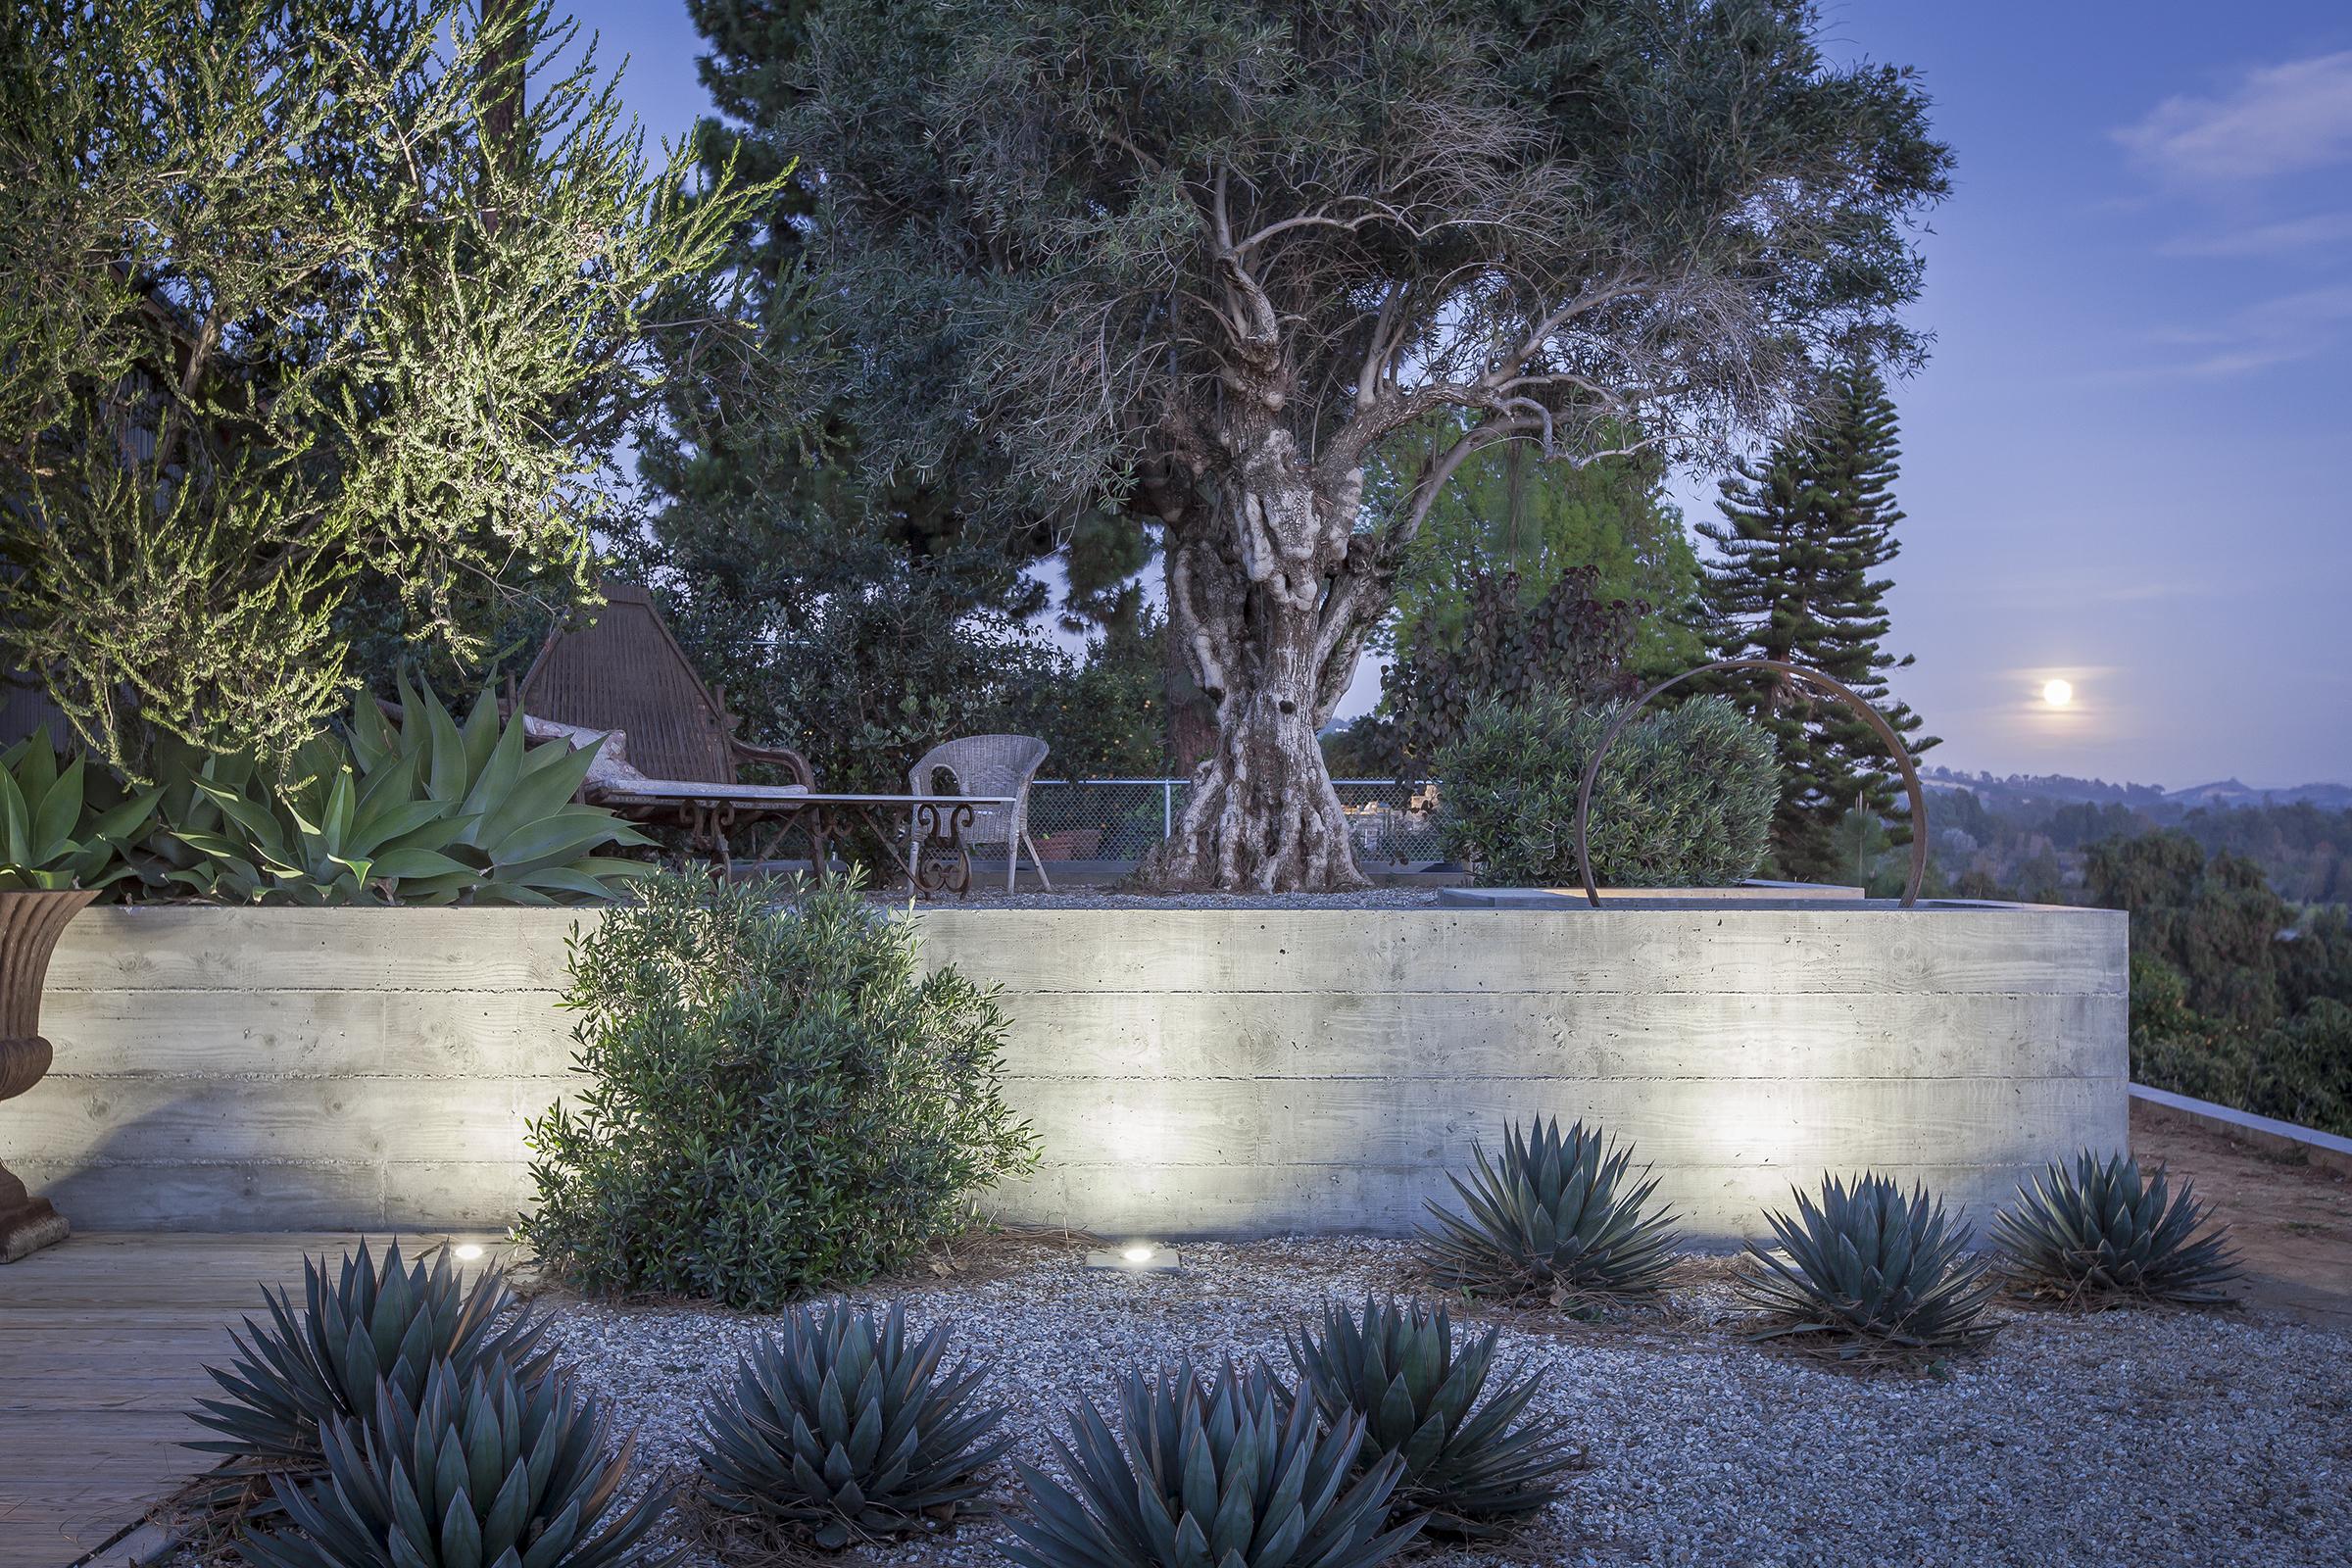 Table To Farm Cj Paone Aia Ventura Ca Architect